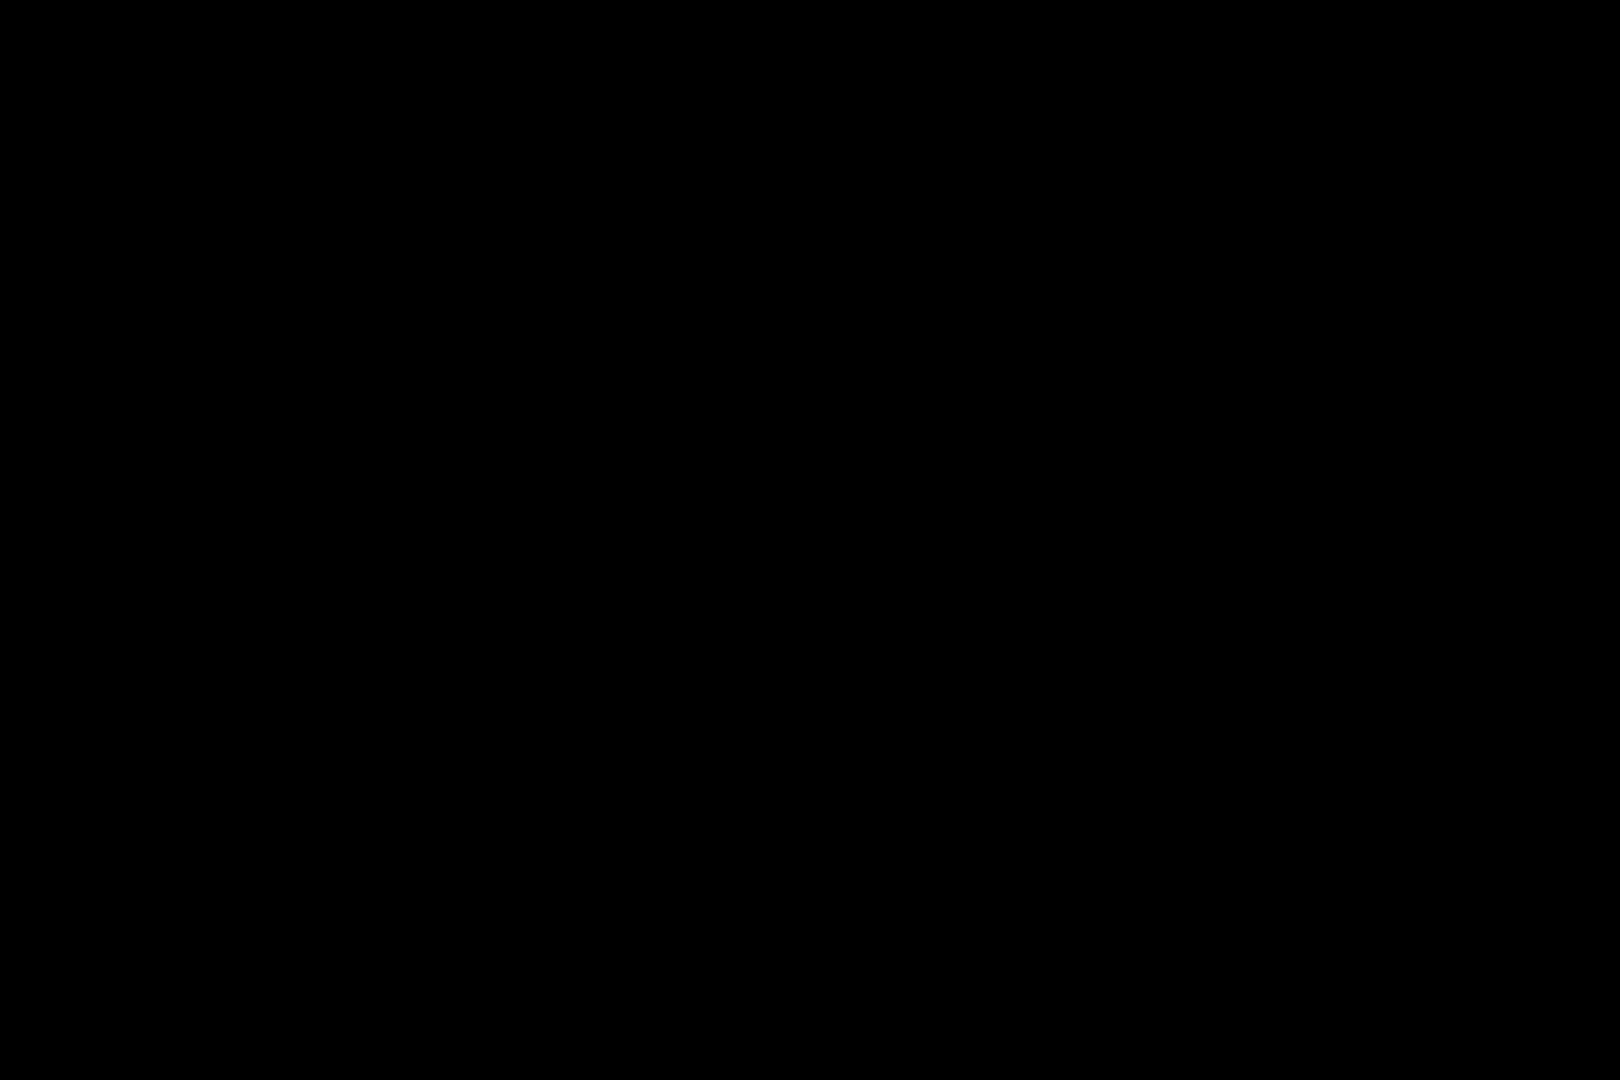 充血監督の深夜の運動会Vol.23 カップル盗撮   美女のヌード  88画像 25